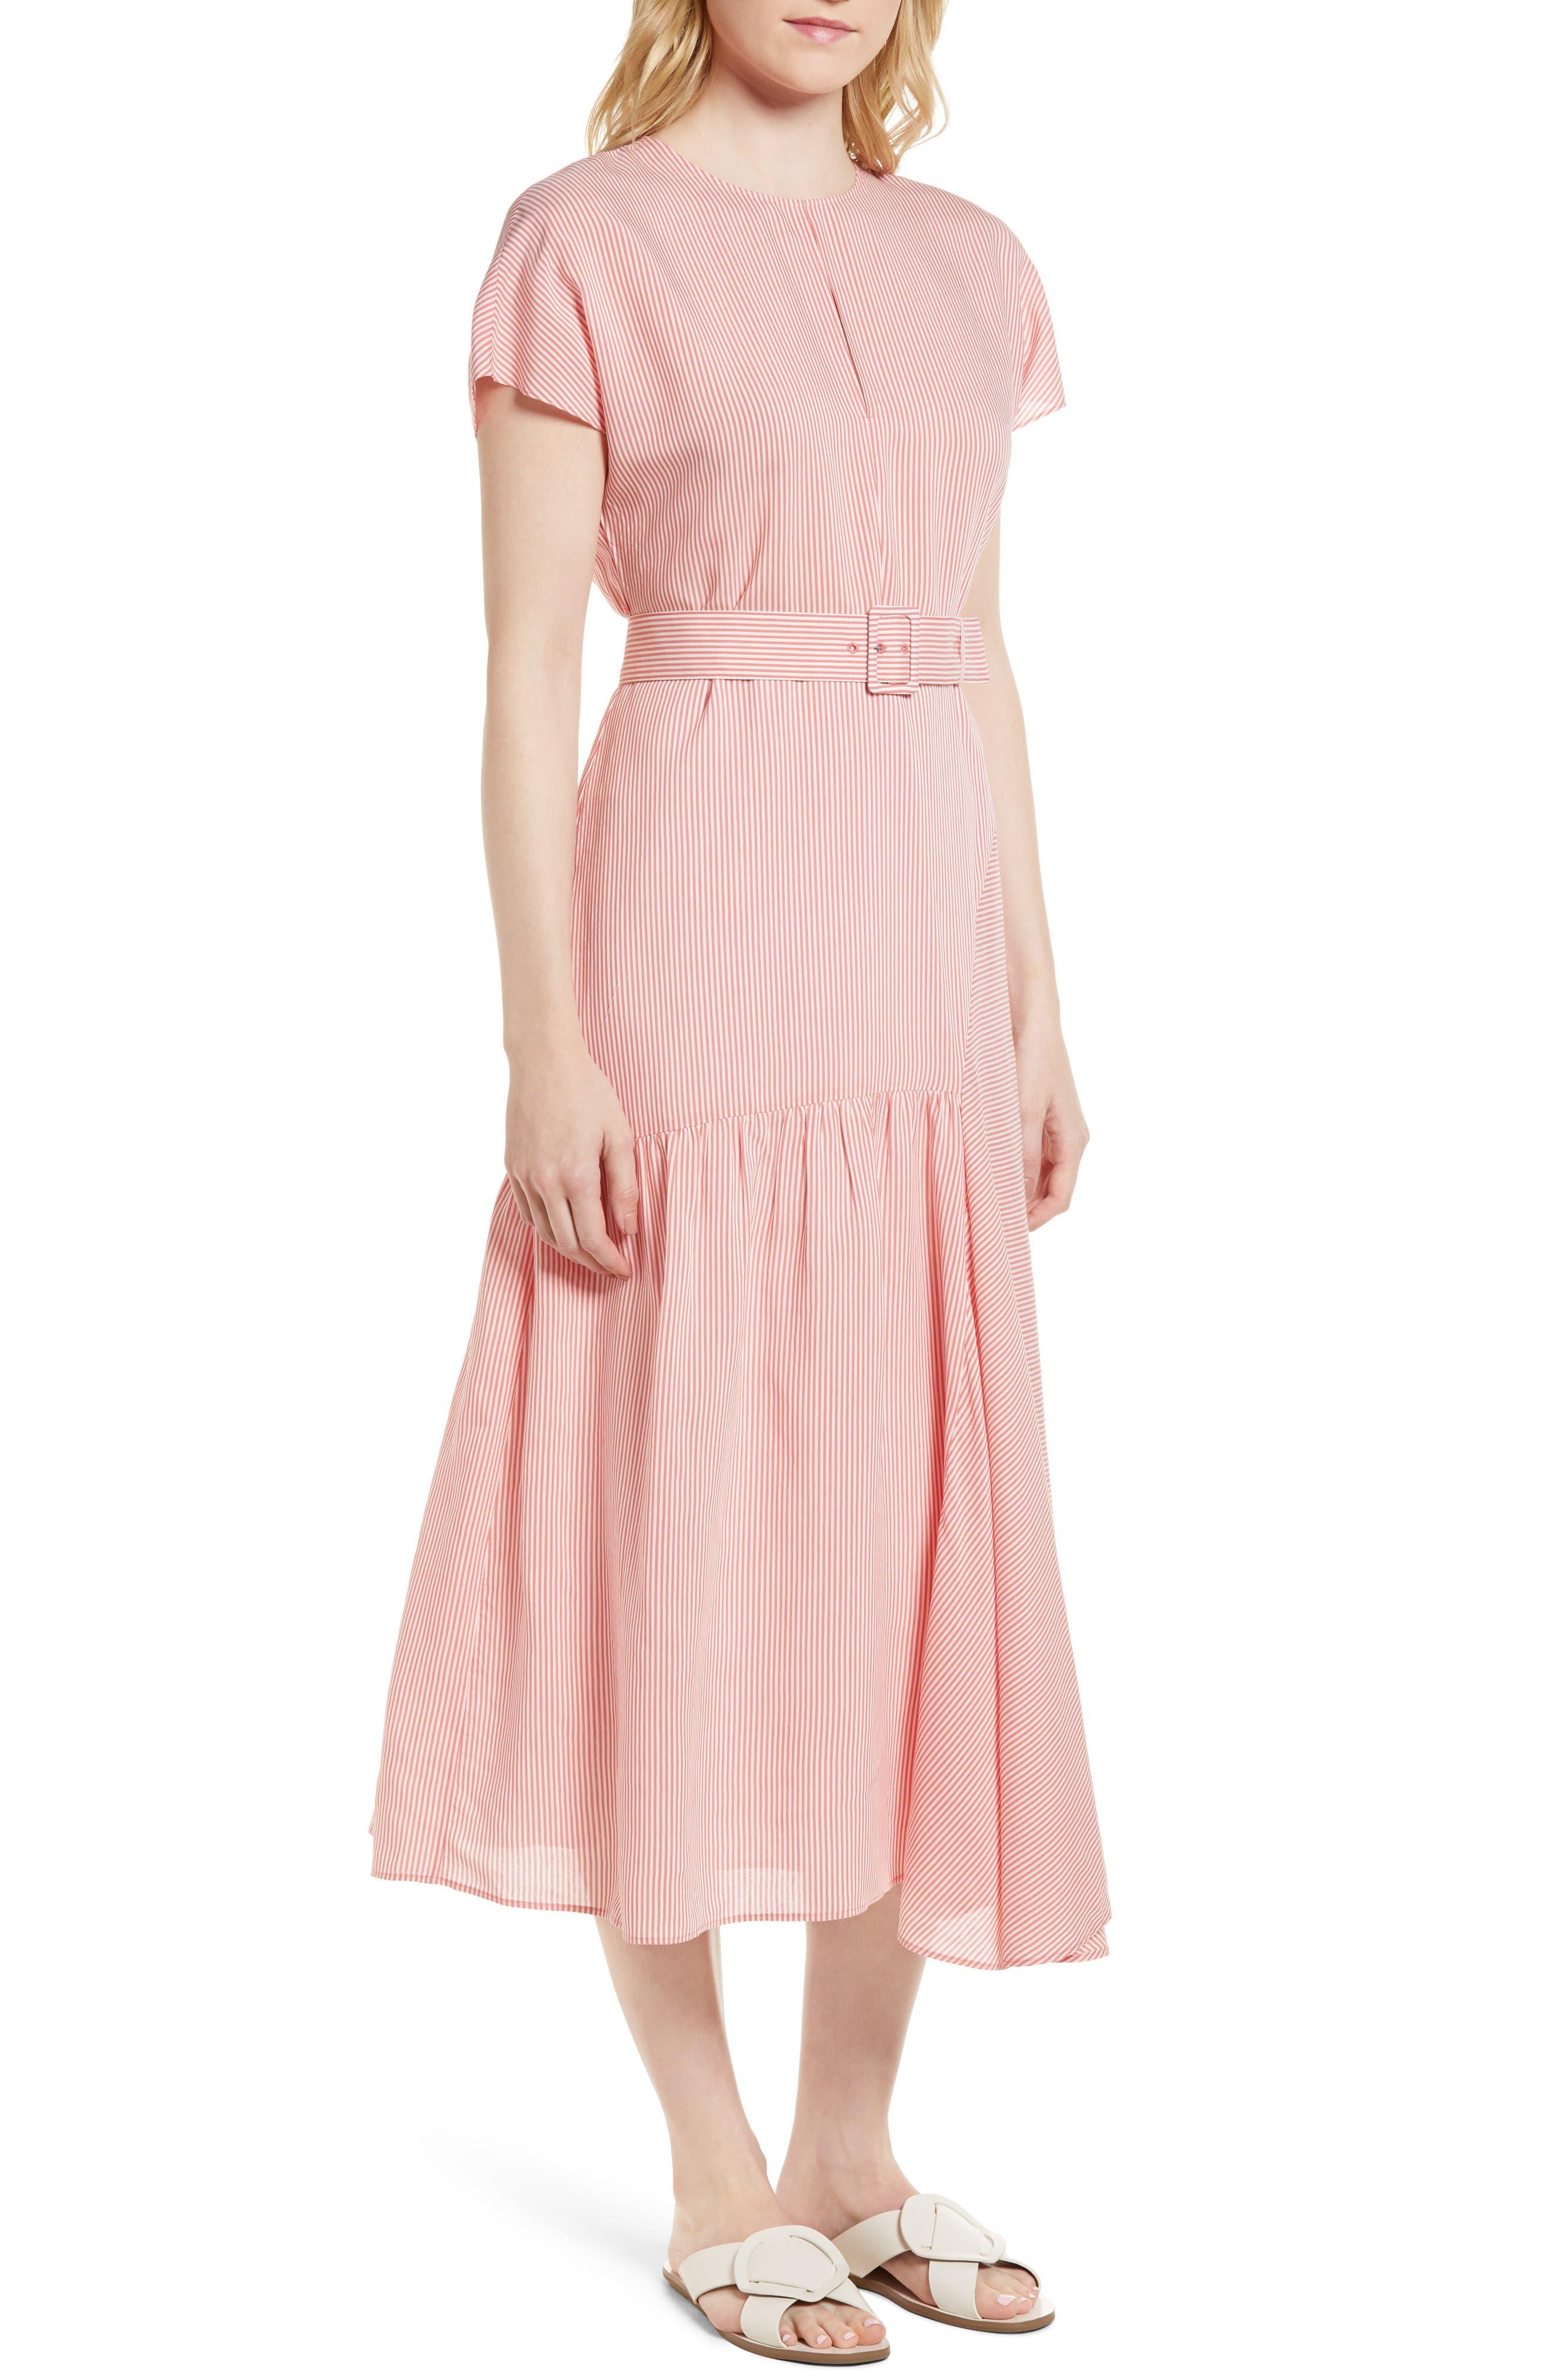 Stripe Belted Dress,                         Main,                         color, Coral Rose Tea Skinny Stripe